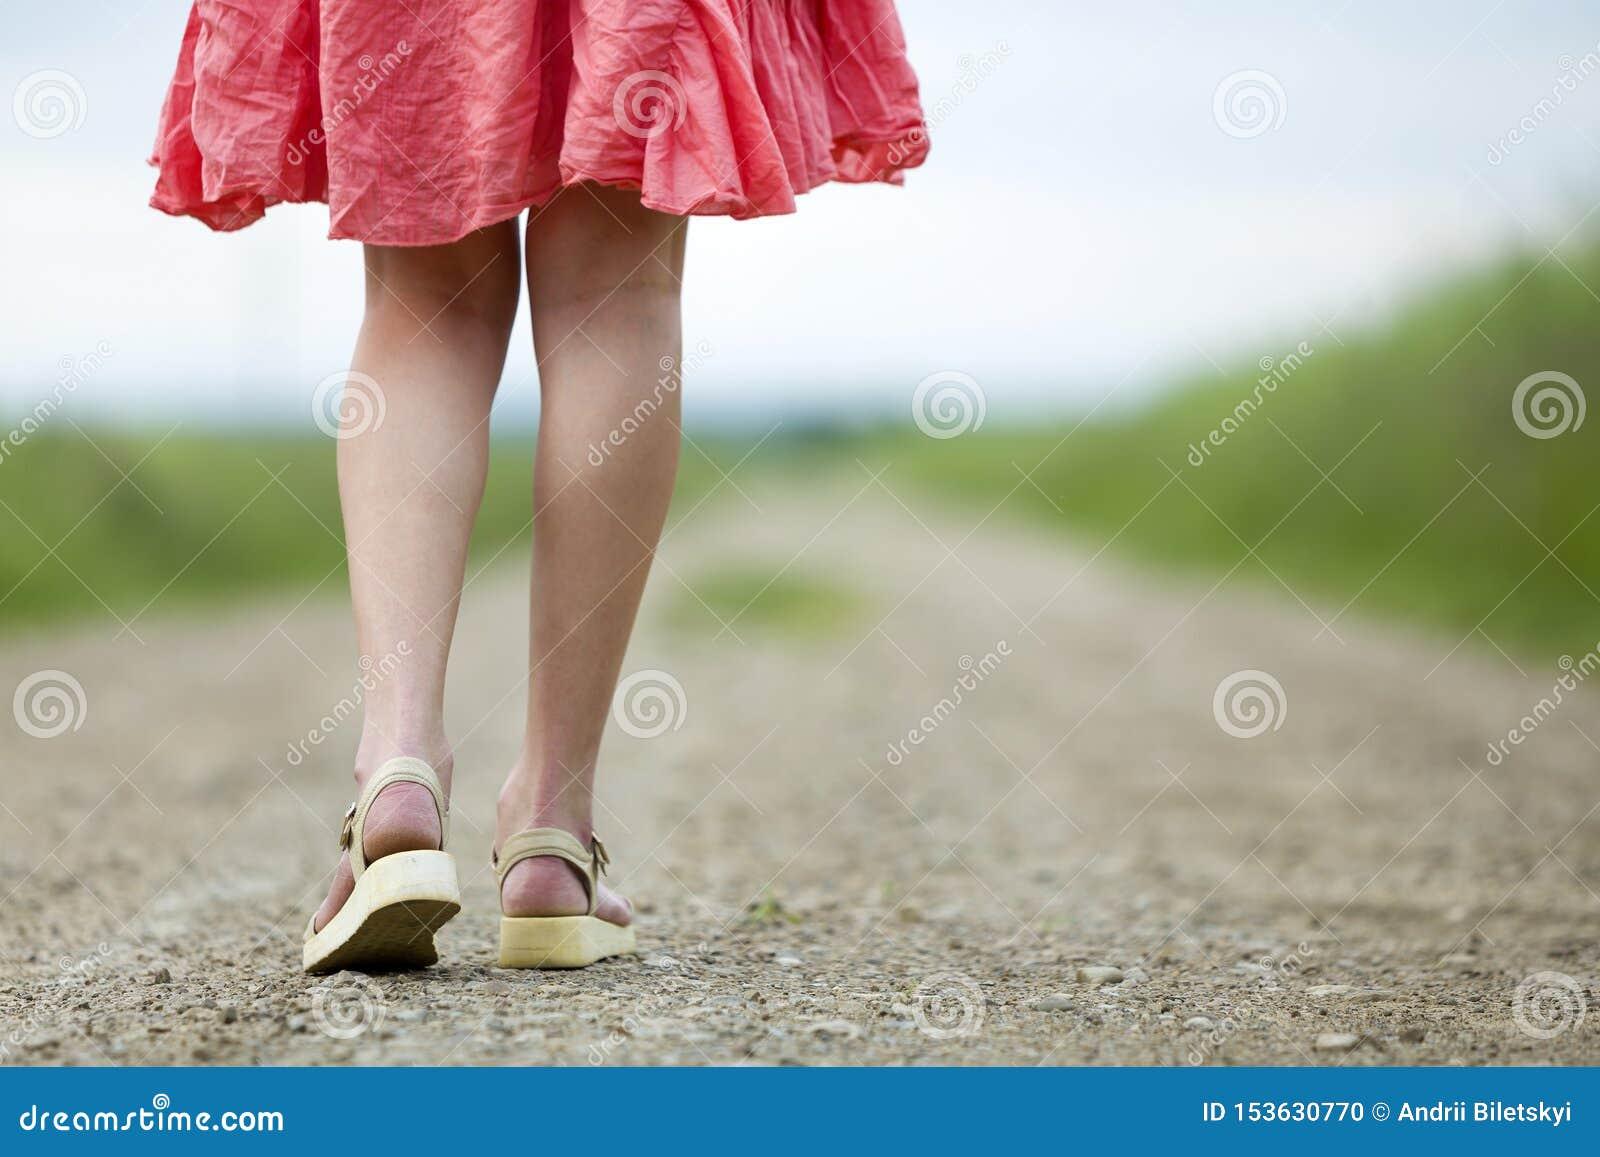 Opinión trasera la mujer joven en piernas rojas del vestido que camina por el camino de tierra el día de verano en fondo soleado